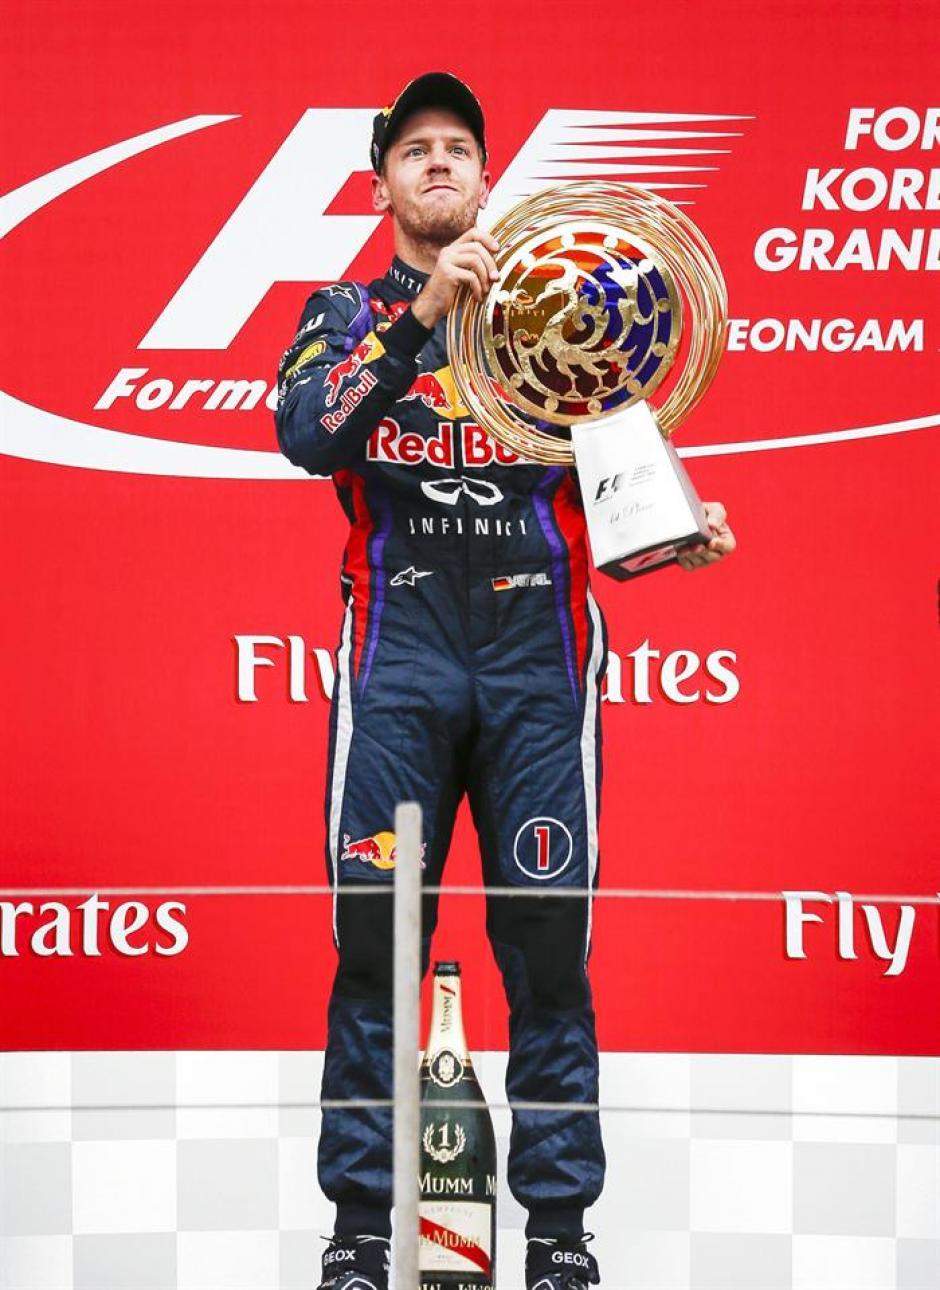 El alemán Sebastian Vettel festeja la victoria en lo más alto del podio.